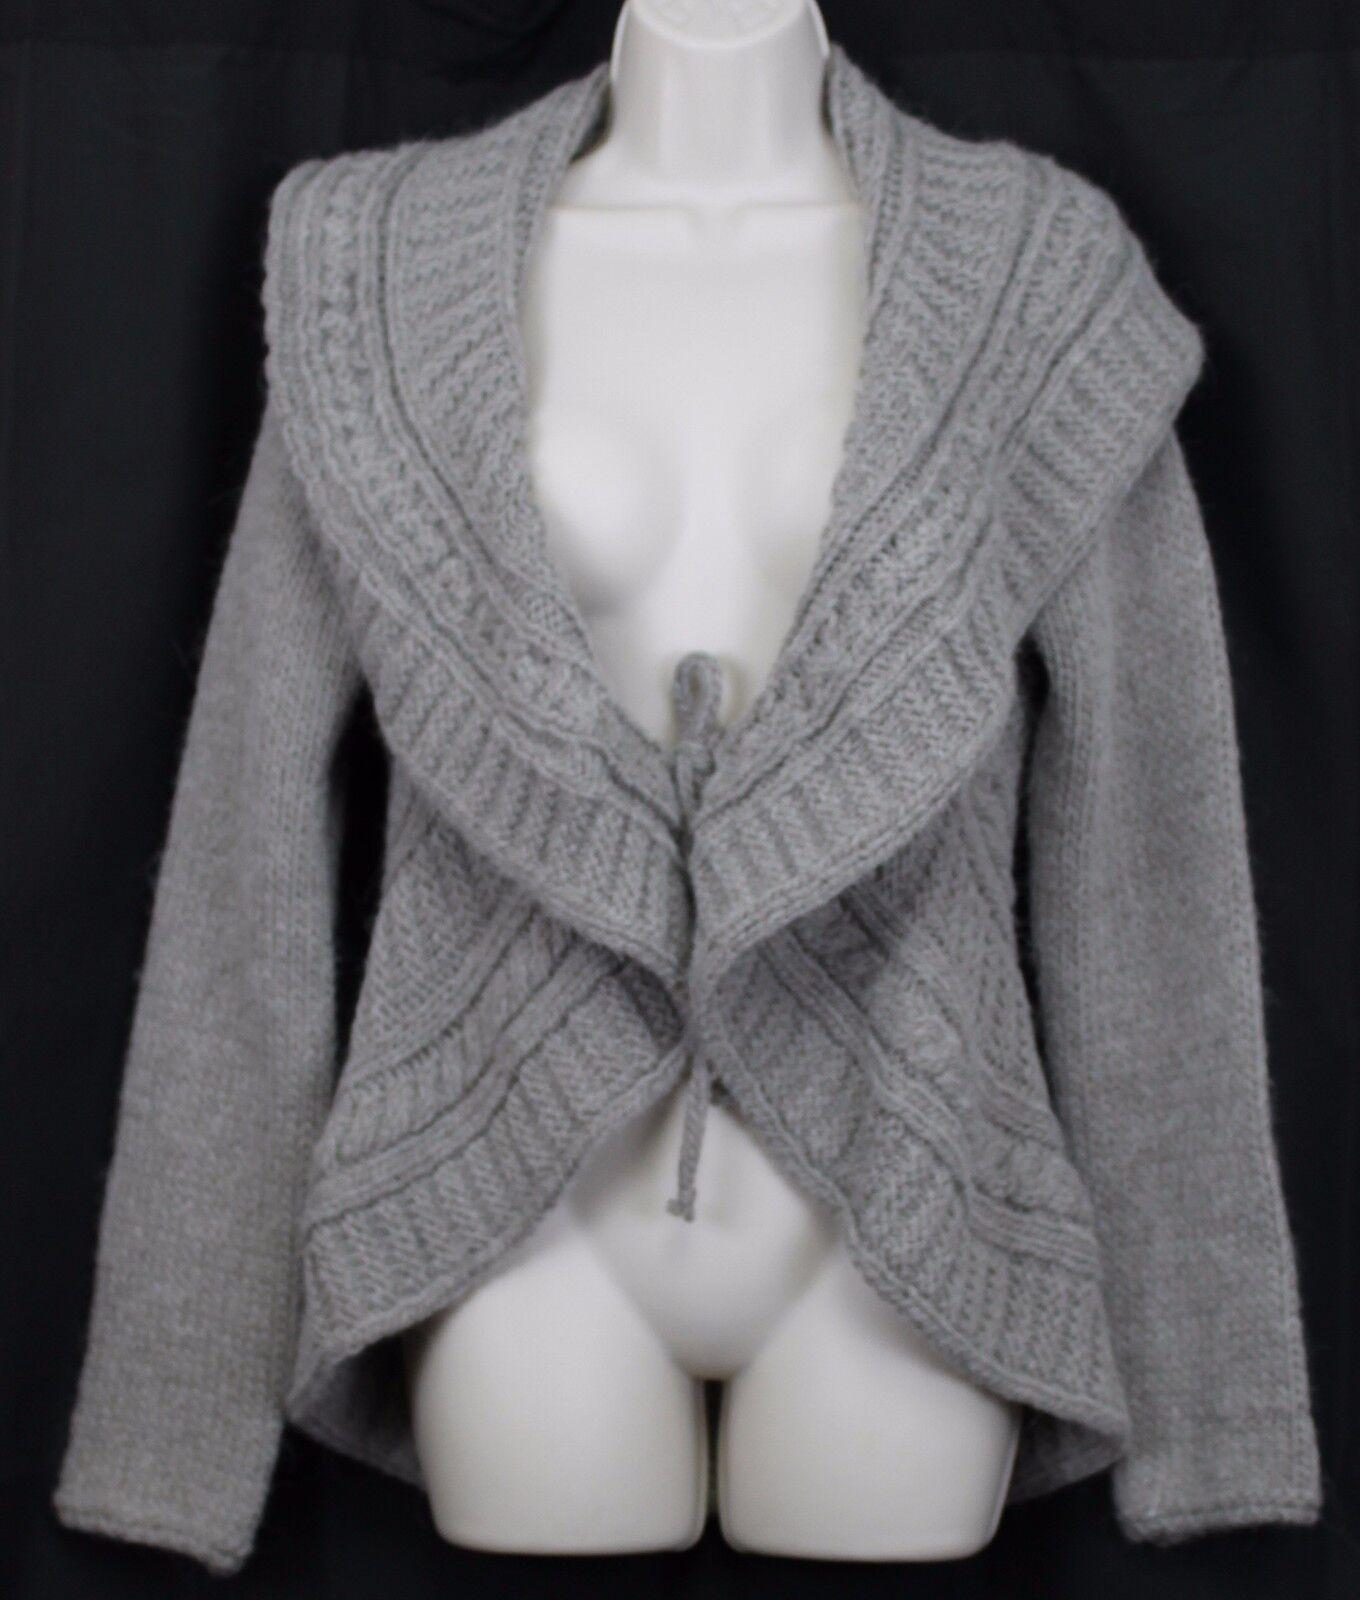 ElsaManda Lg Grey Cardigan Sweater Woman Woman Woman Alpaca Wool  Stone Tie Closure 1862f7